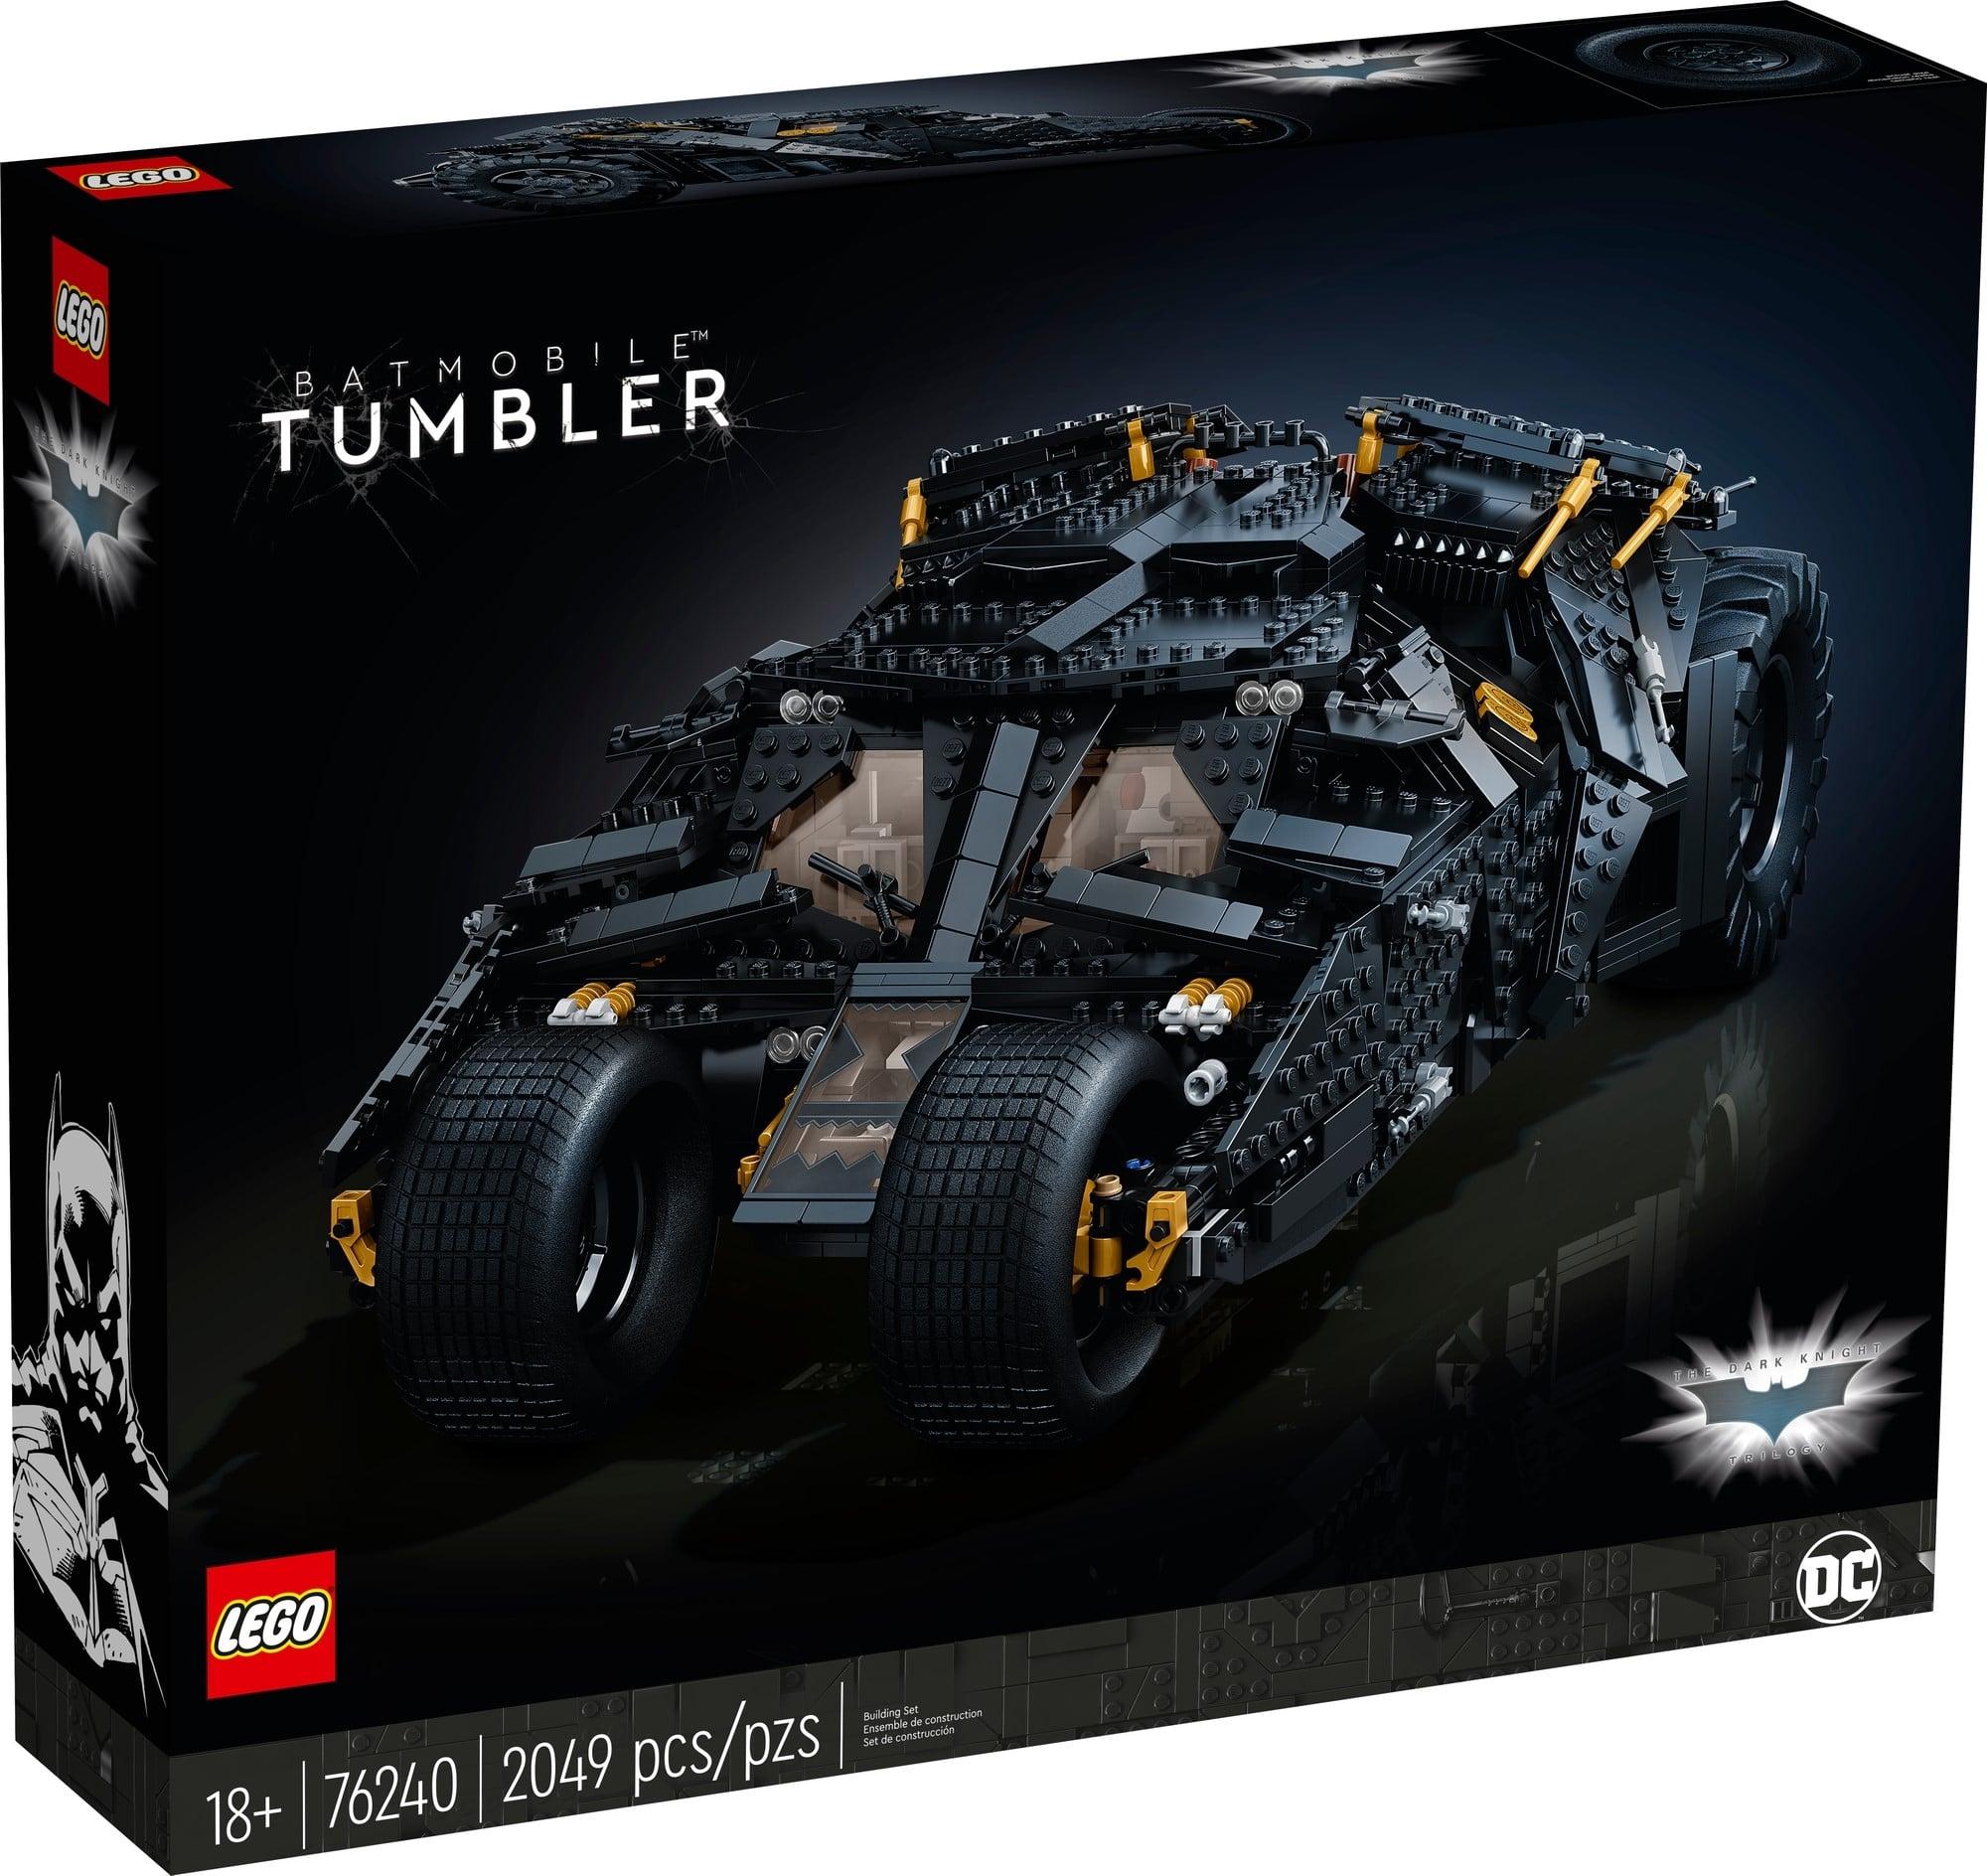 LEGO Dc 76240 LEGO Dc Batman Batmobile Tumbler 2